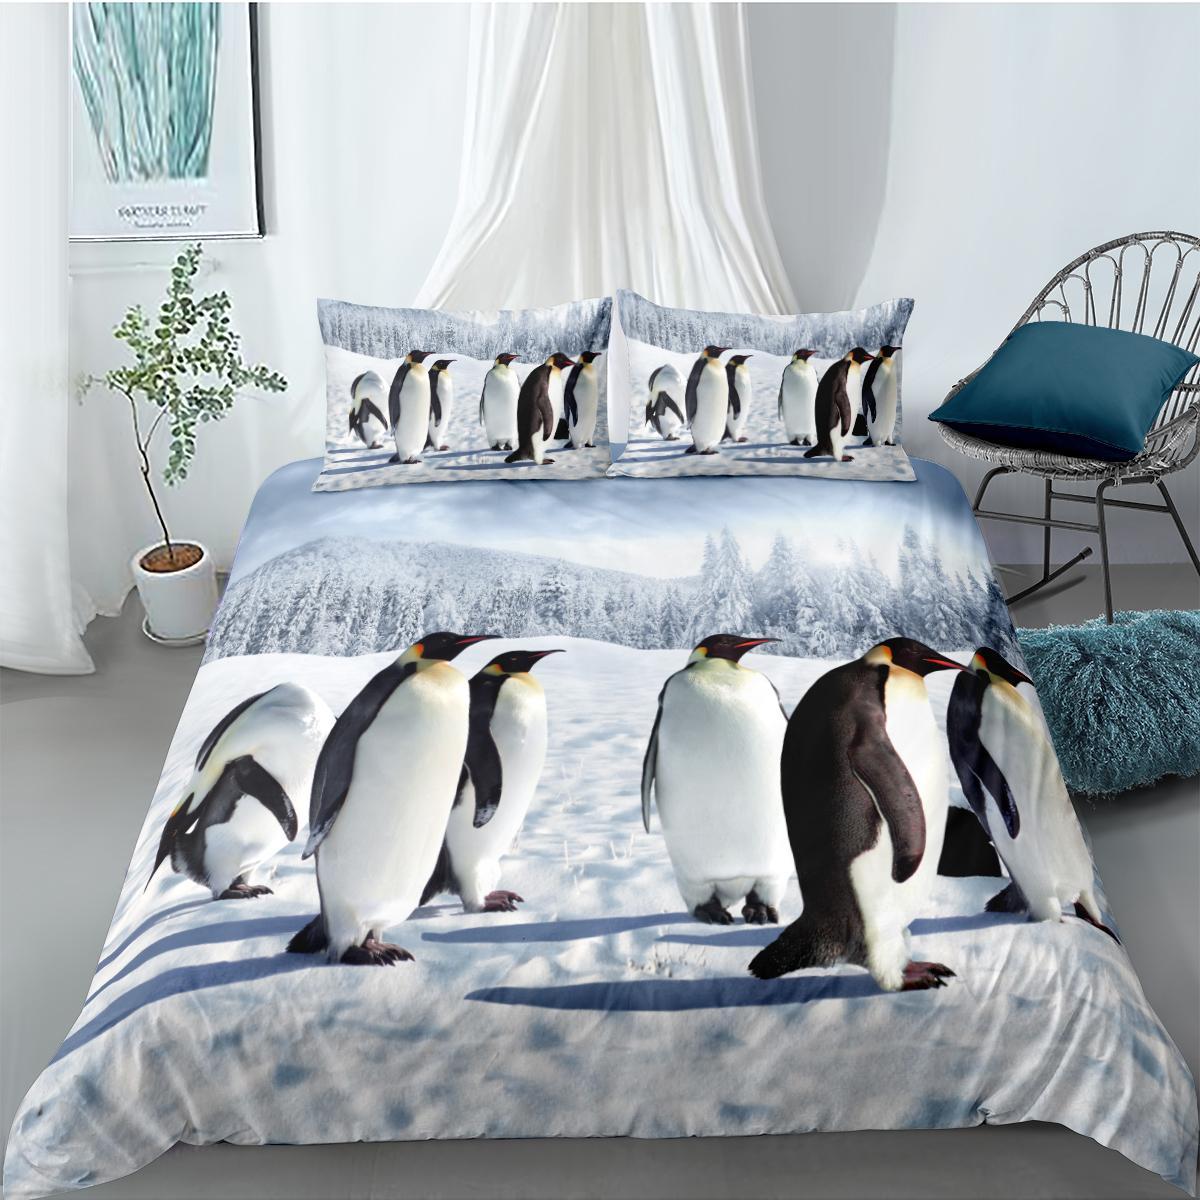 Yatak Seti Penguen Tavşan Nevresim ile Yastık kılıfı Tek İkiz Çift Tam Kraliçe Kral